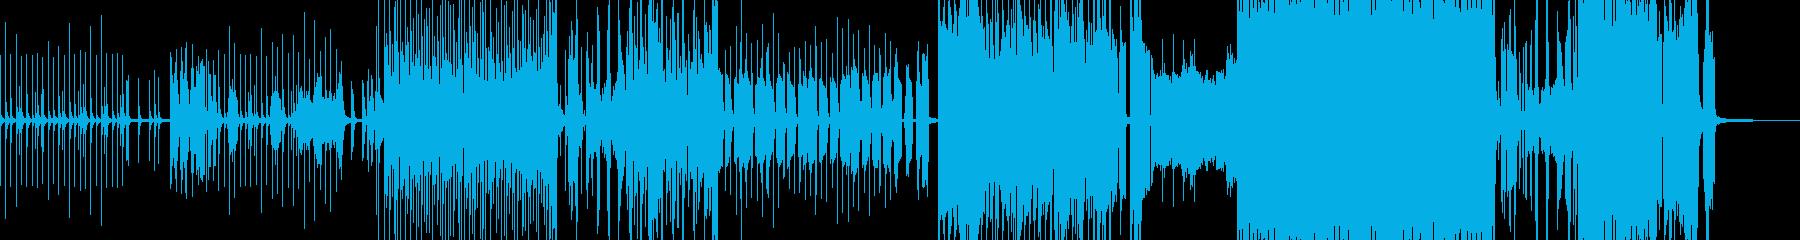 メルヘンなカントリーロック ★の再生済みの波形